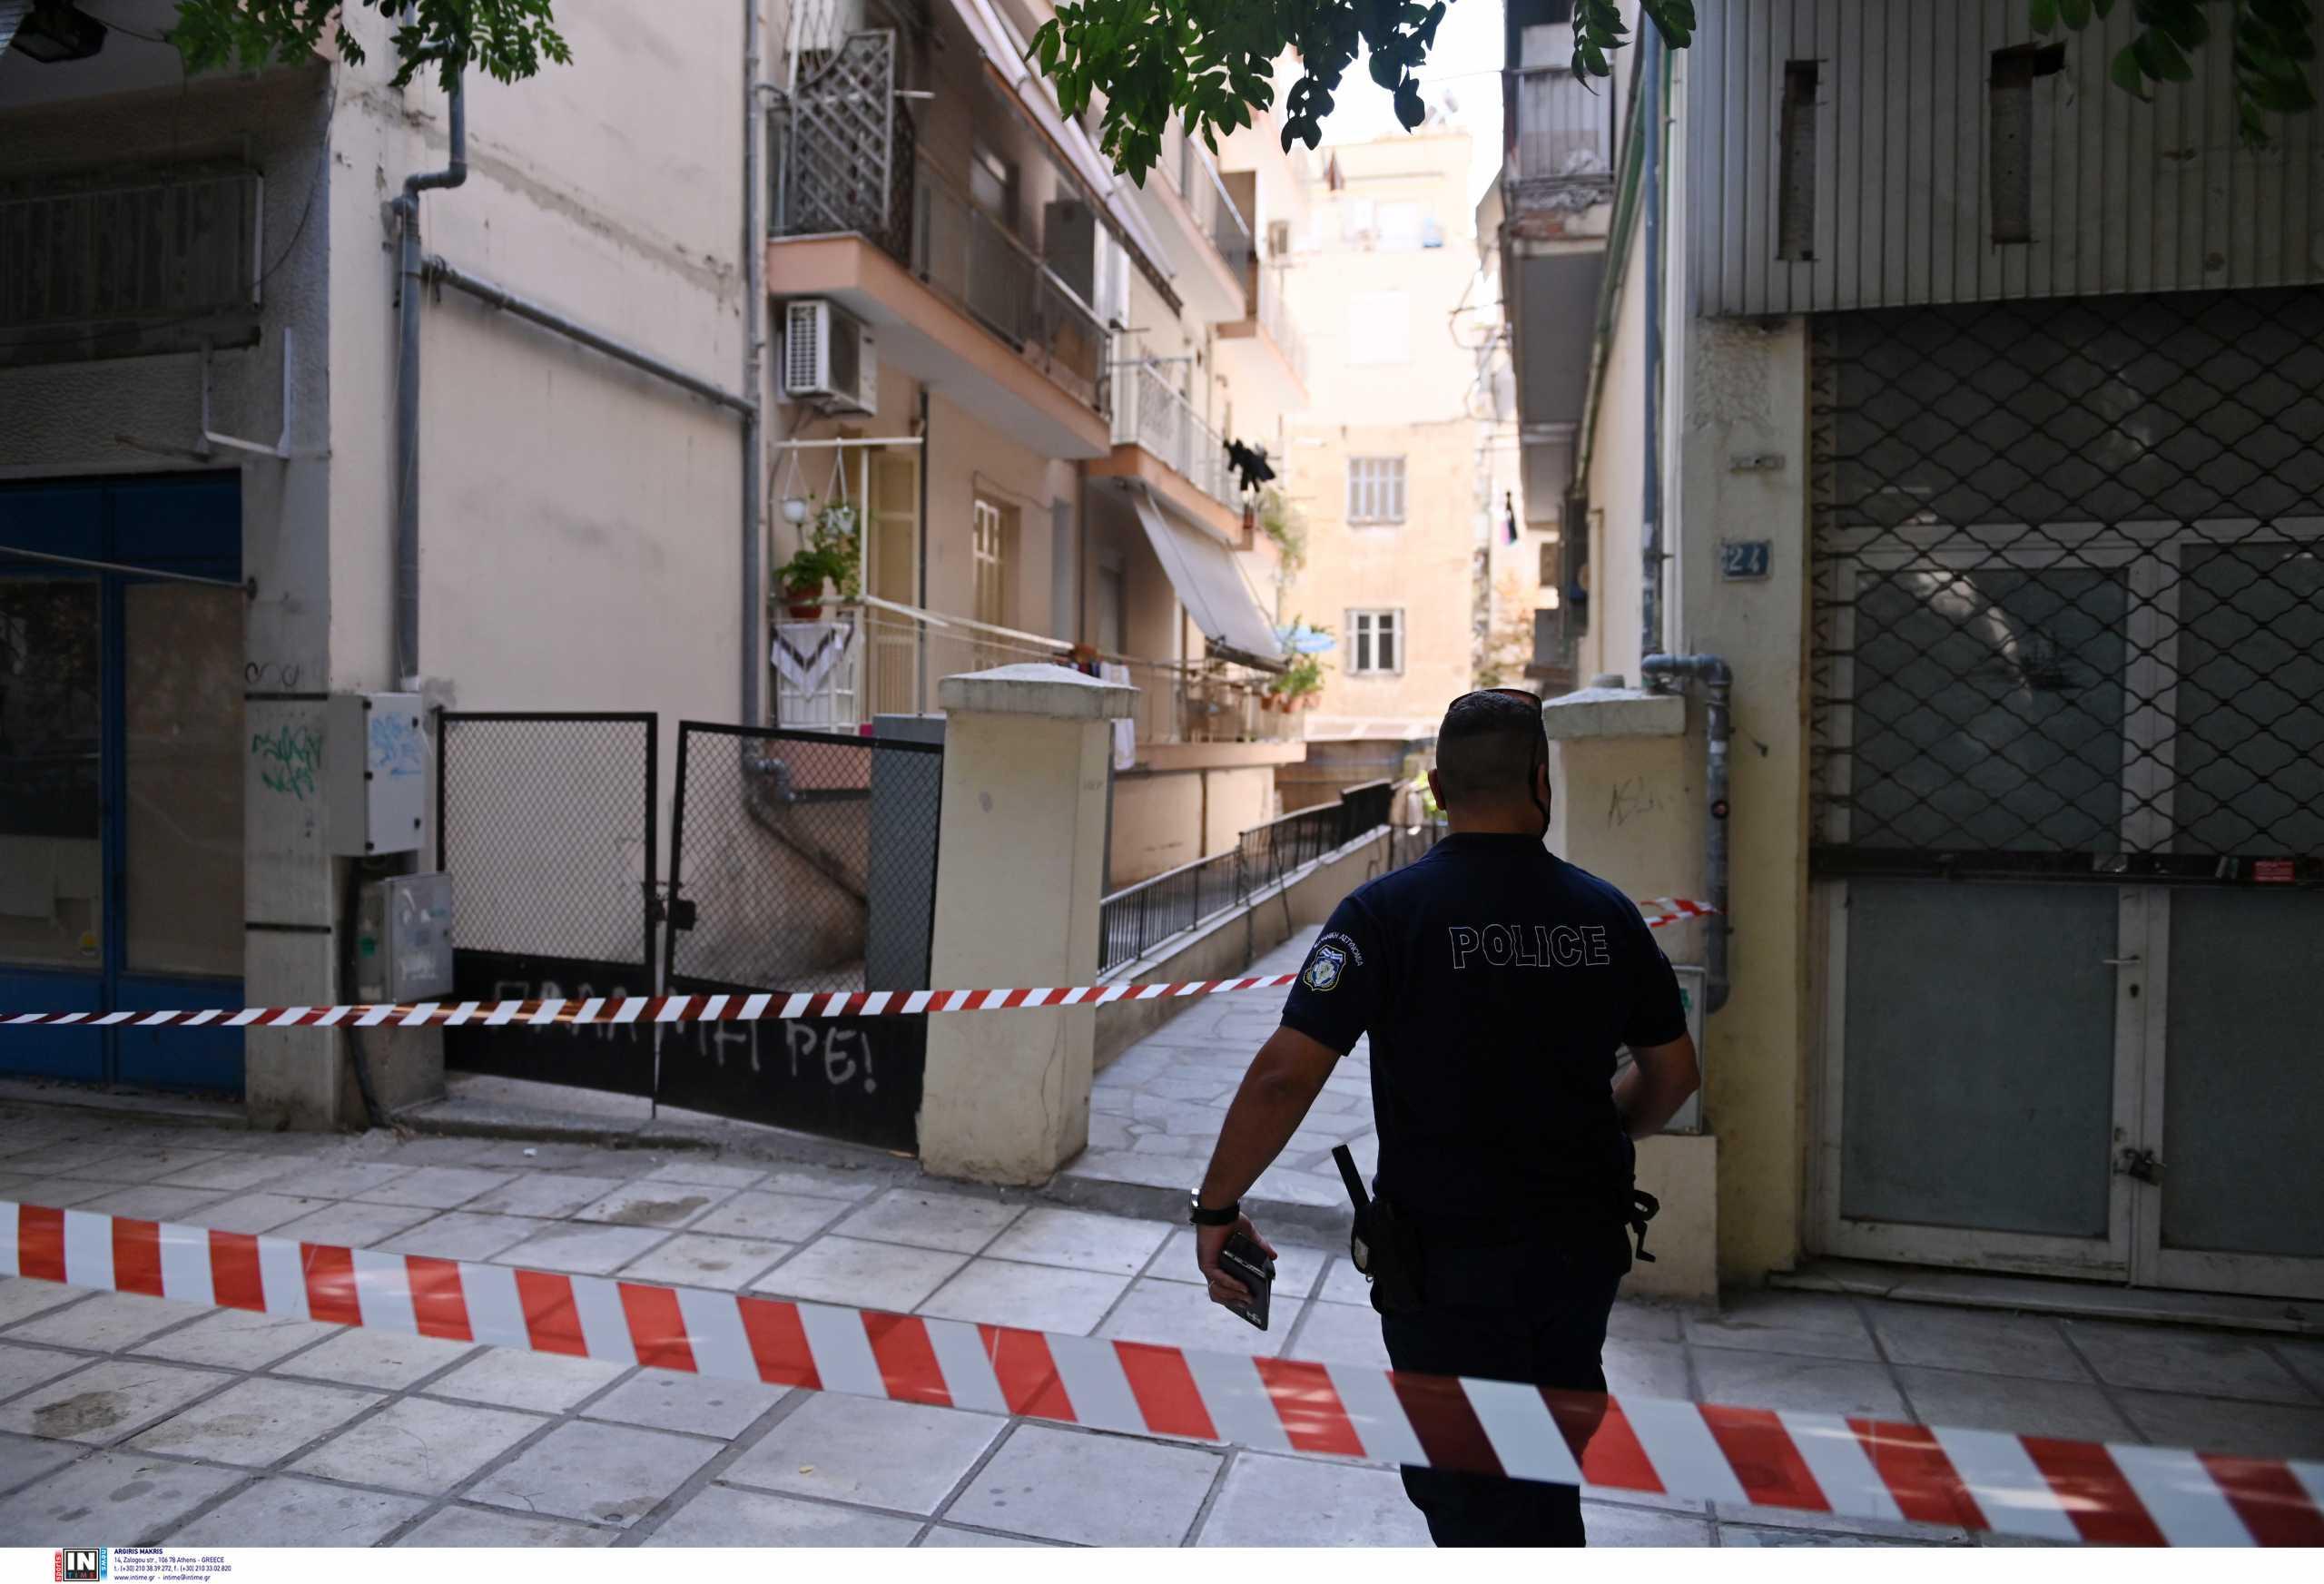 Έγκλημα στον Μασταμπά: Στην τελική ευθεία η δίκη για τη δολοφονία της 31χρονης